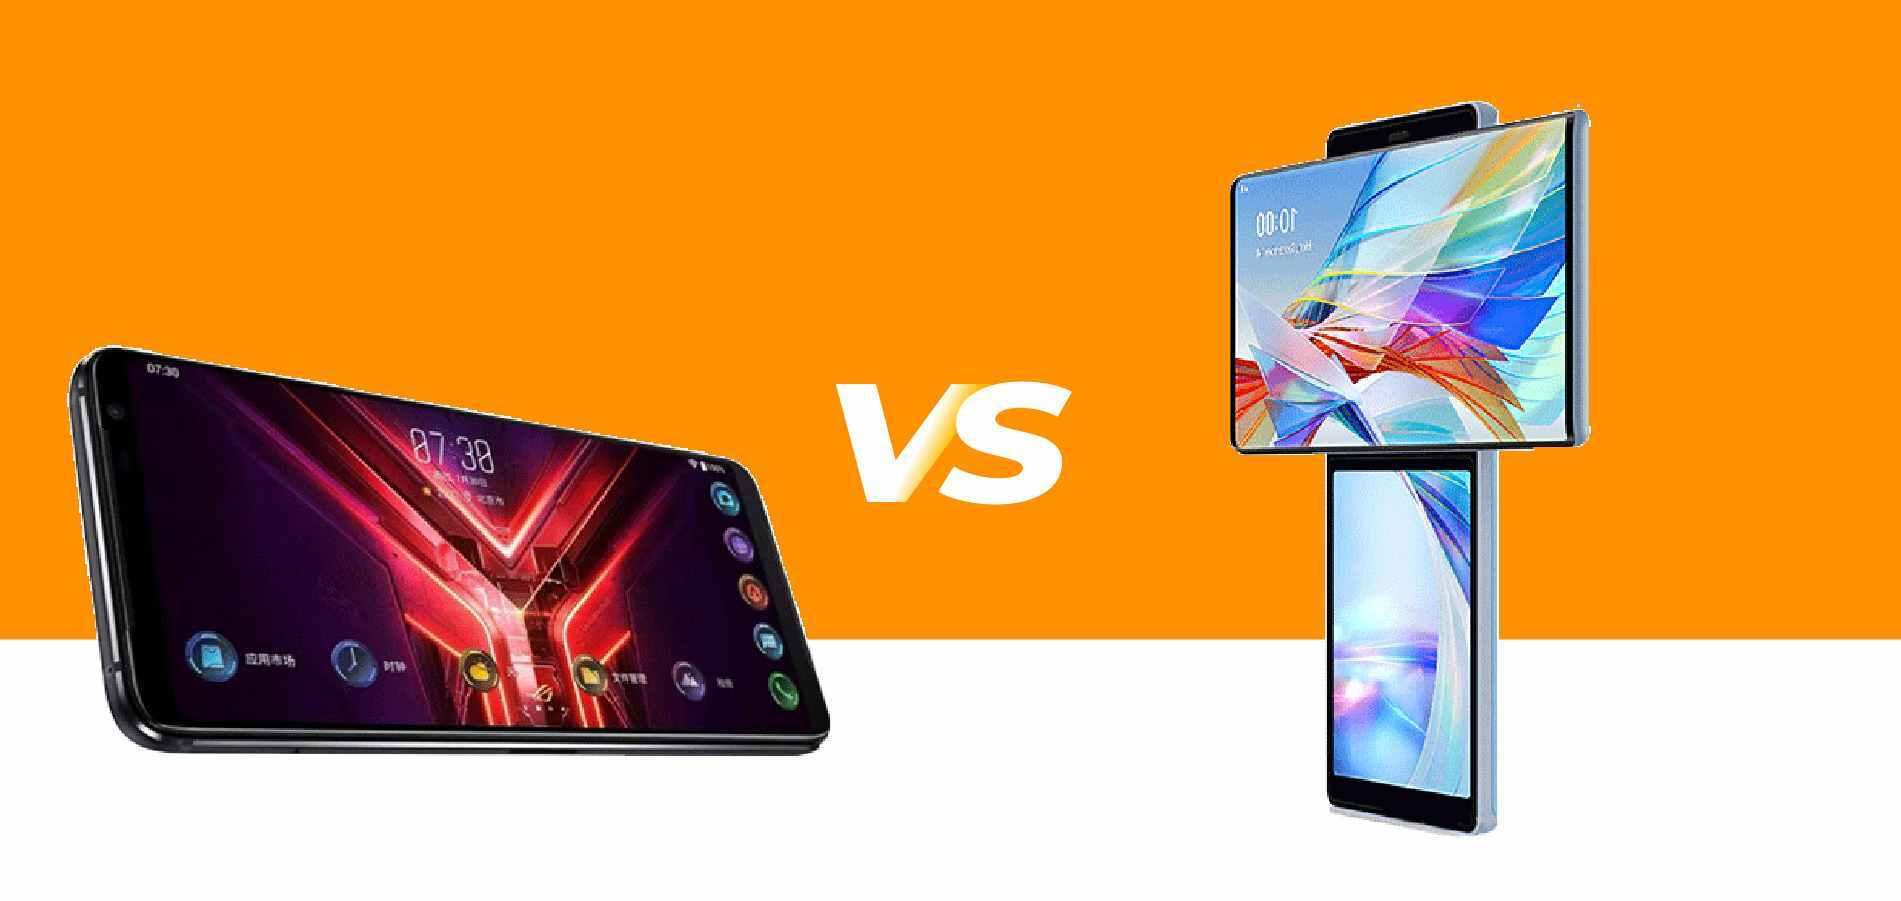 LG Wing vs Asus rog phone 3